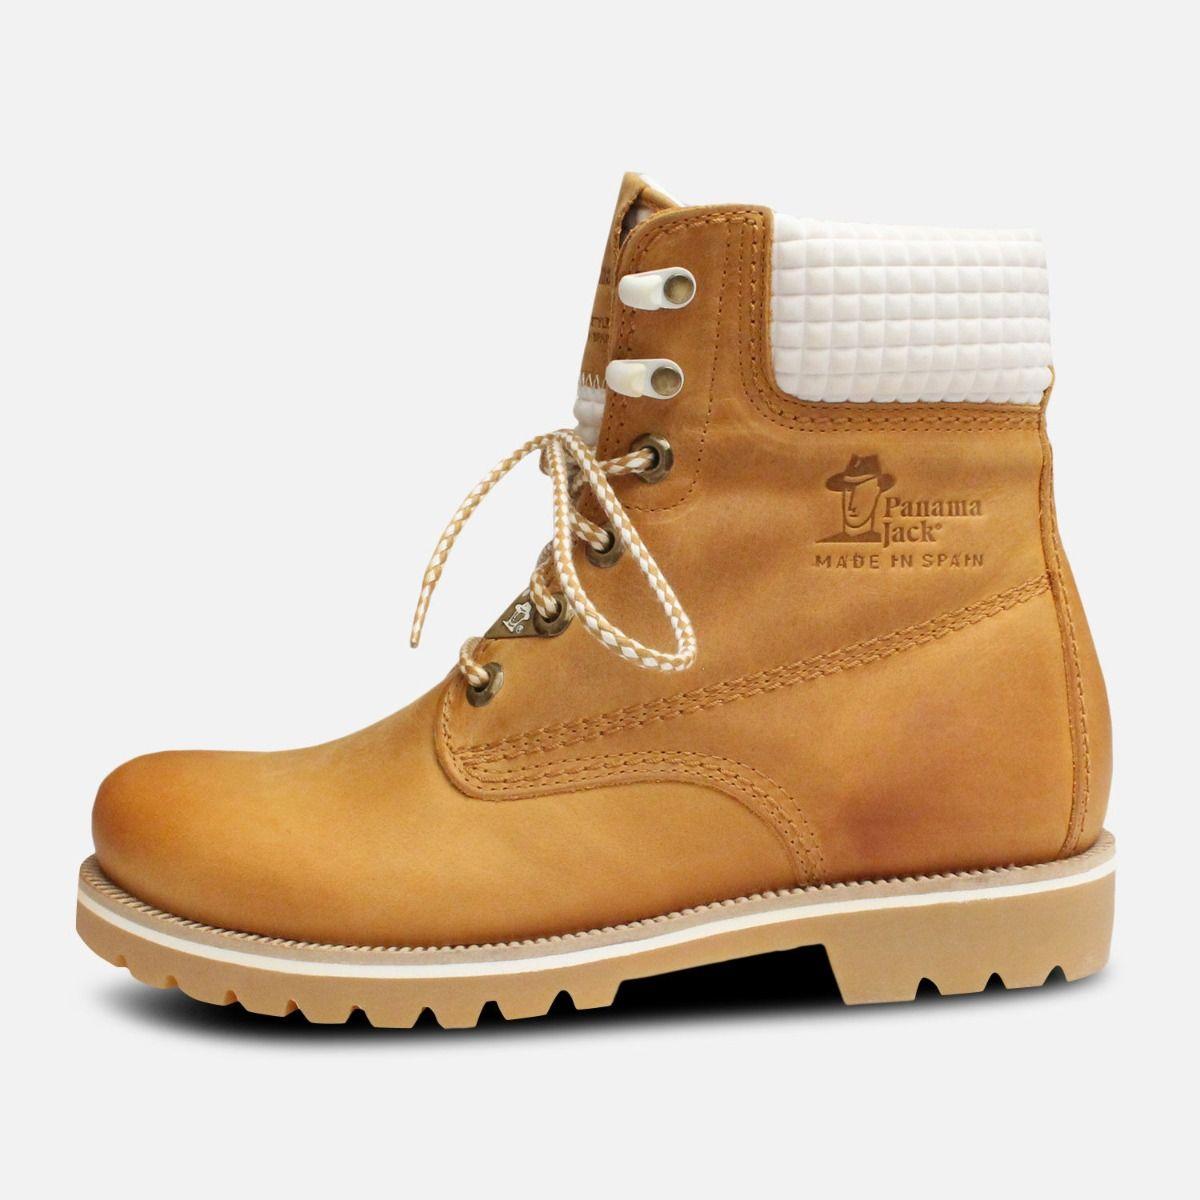 dda55b00683f8e Ladies White Vintage Panama Jack Boots 03 Neo B4